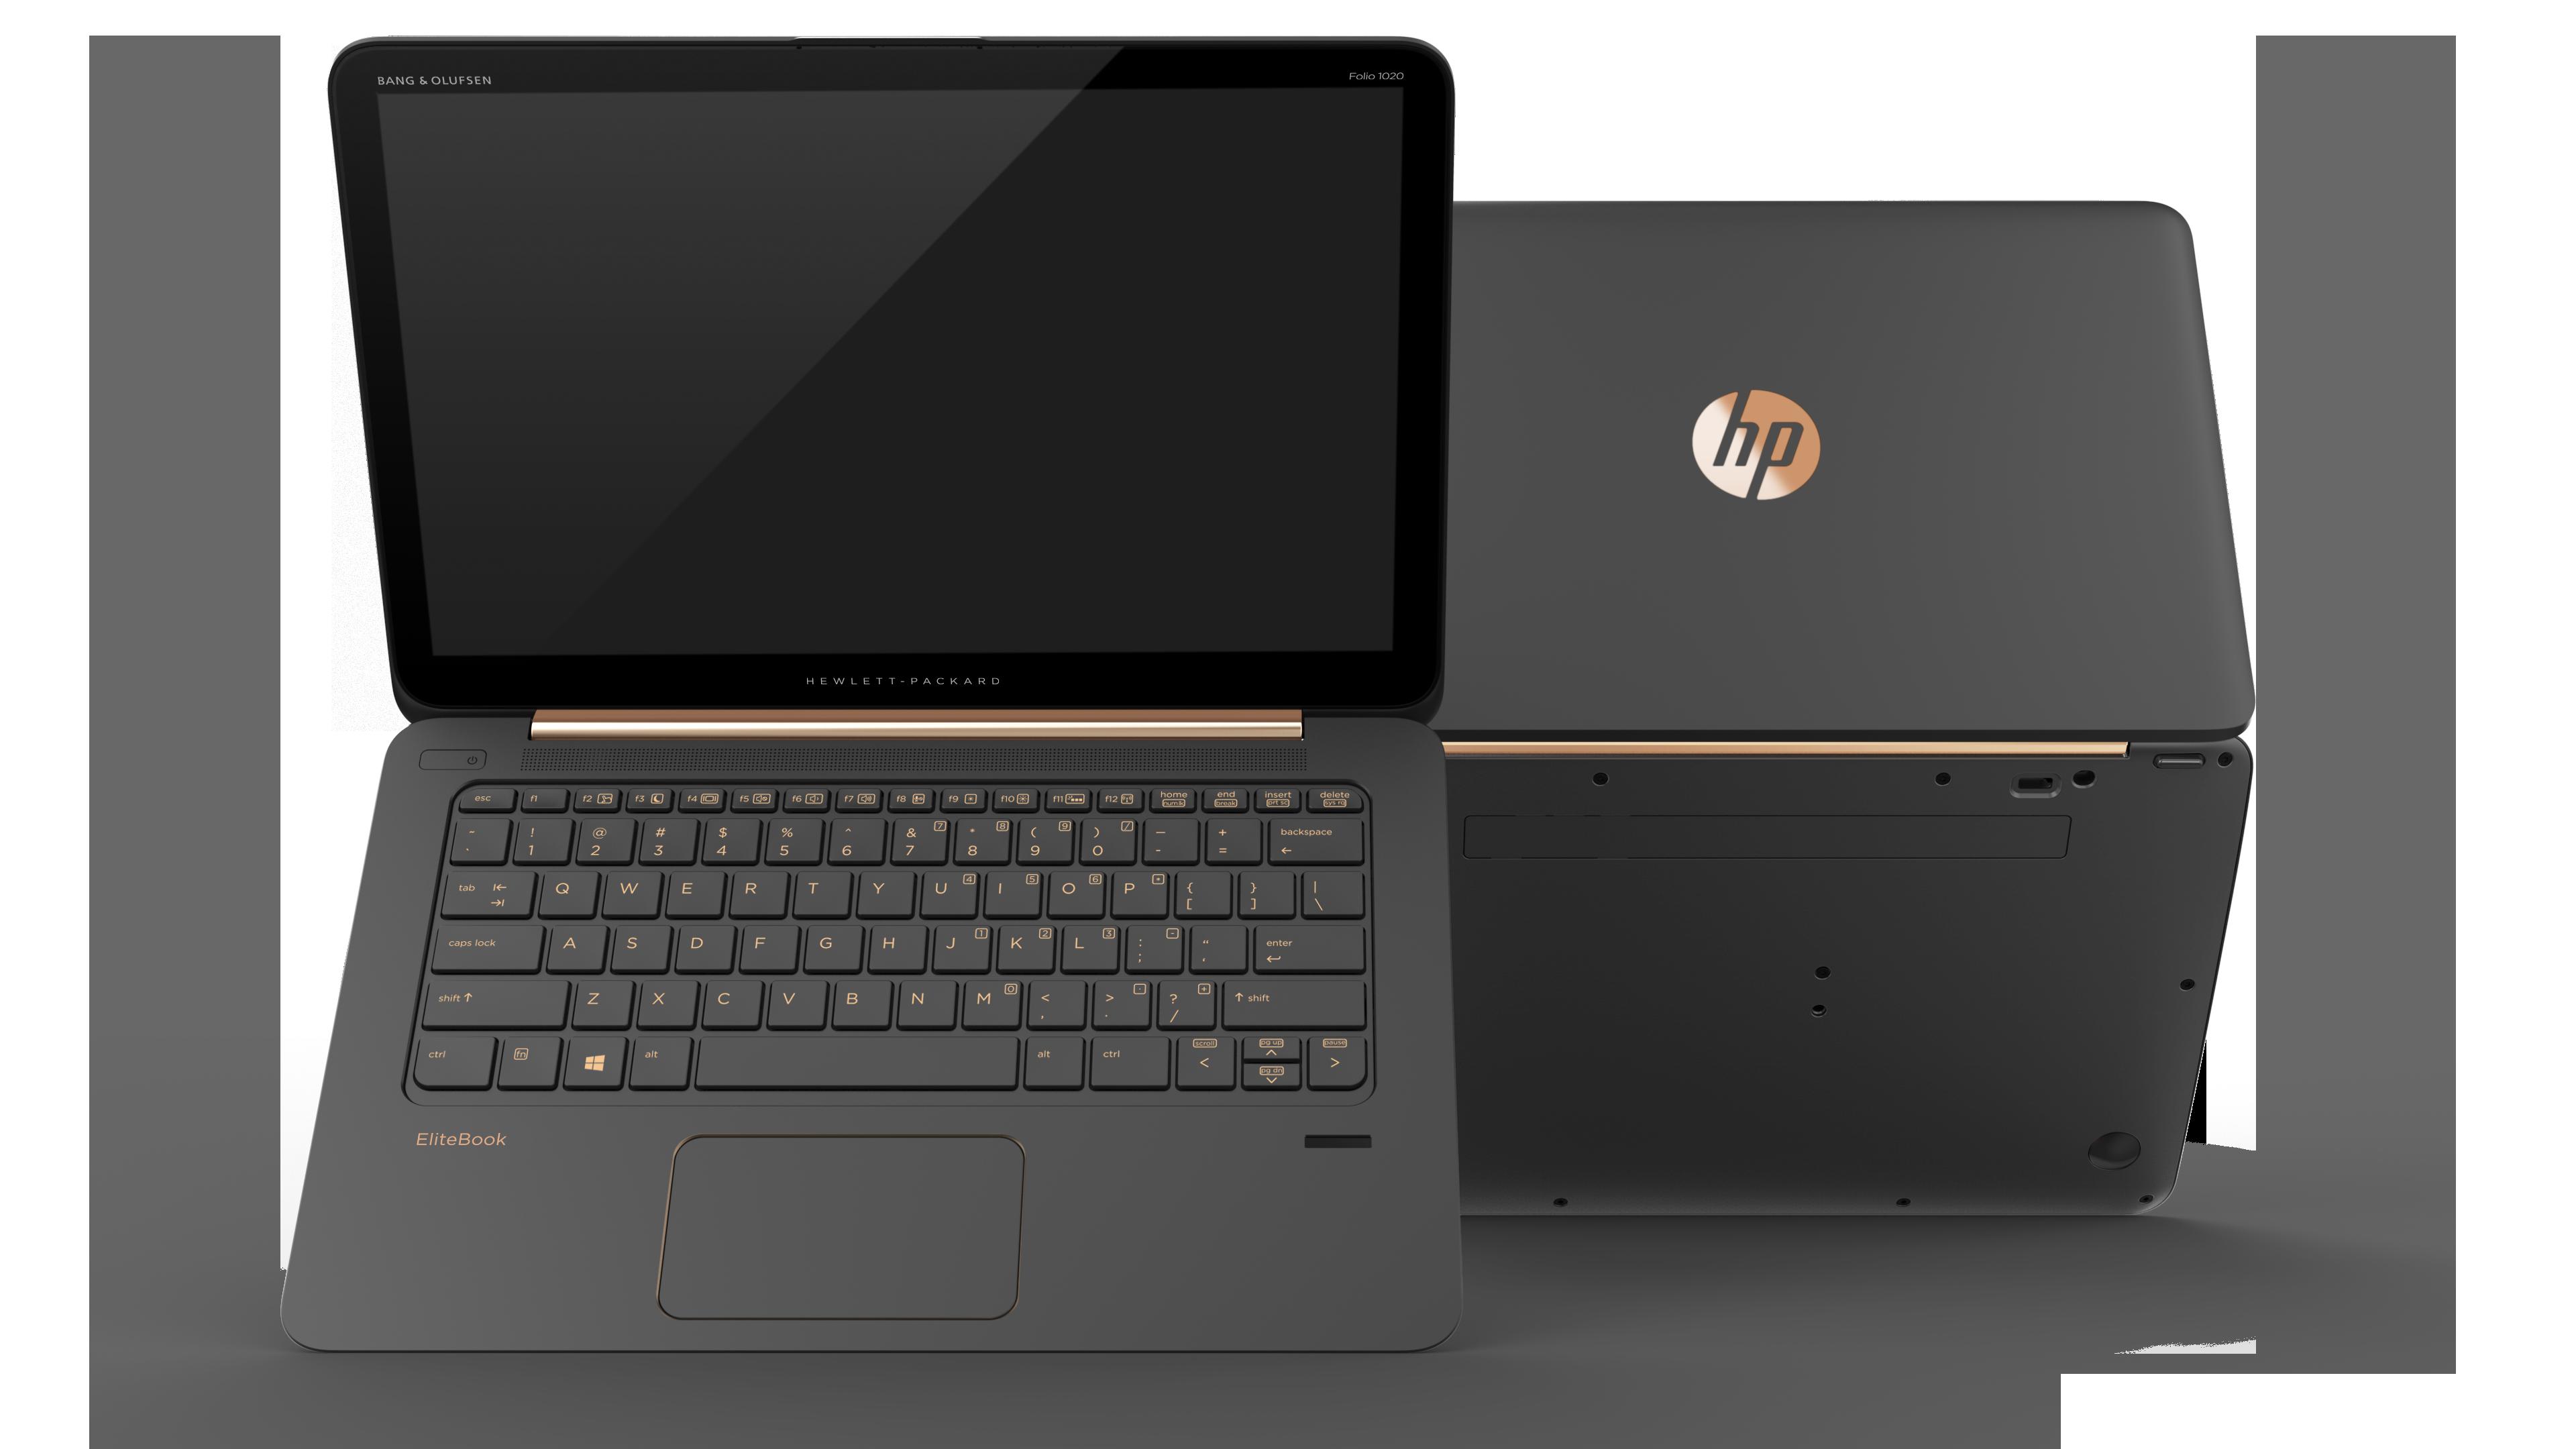 laptop windows 10 pro deals